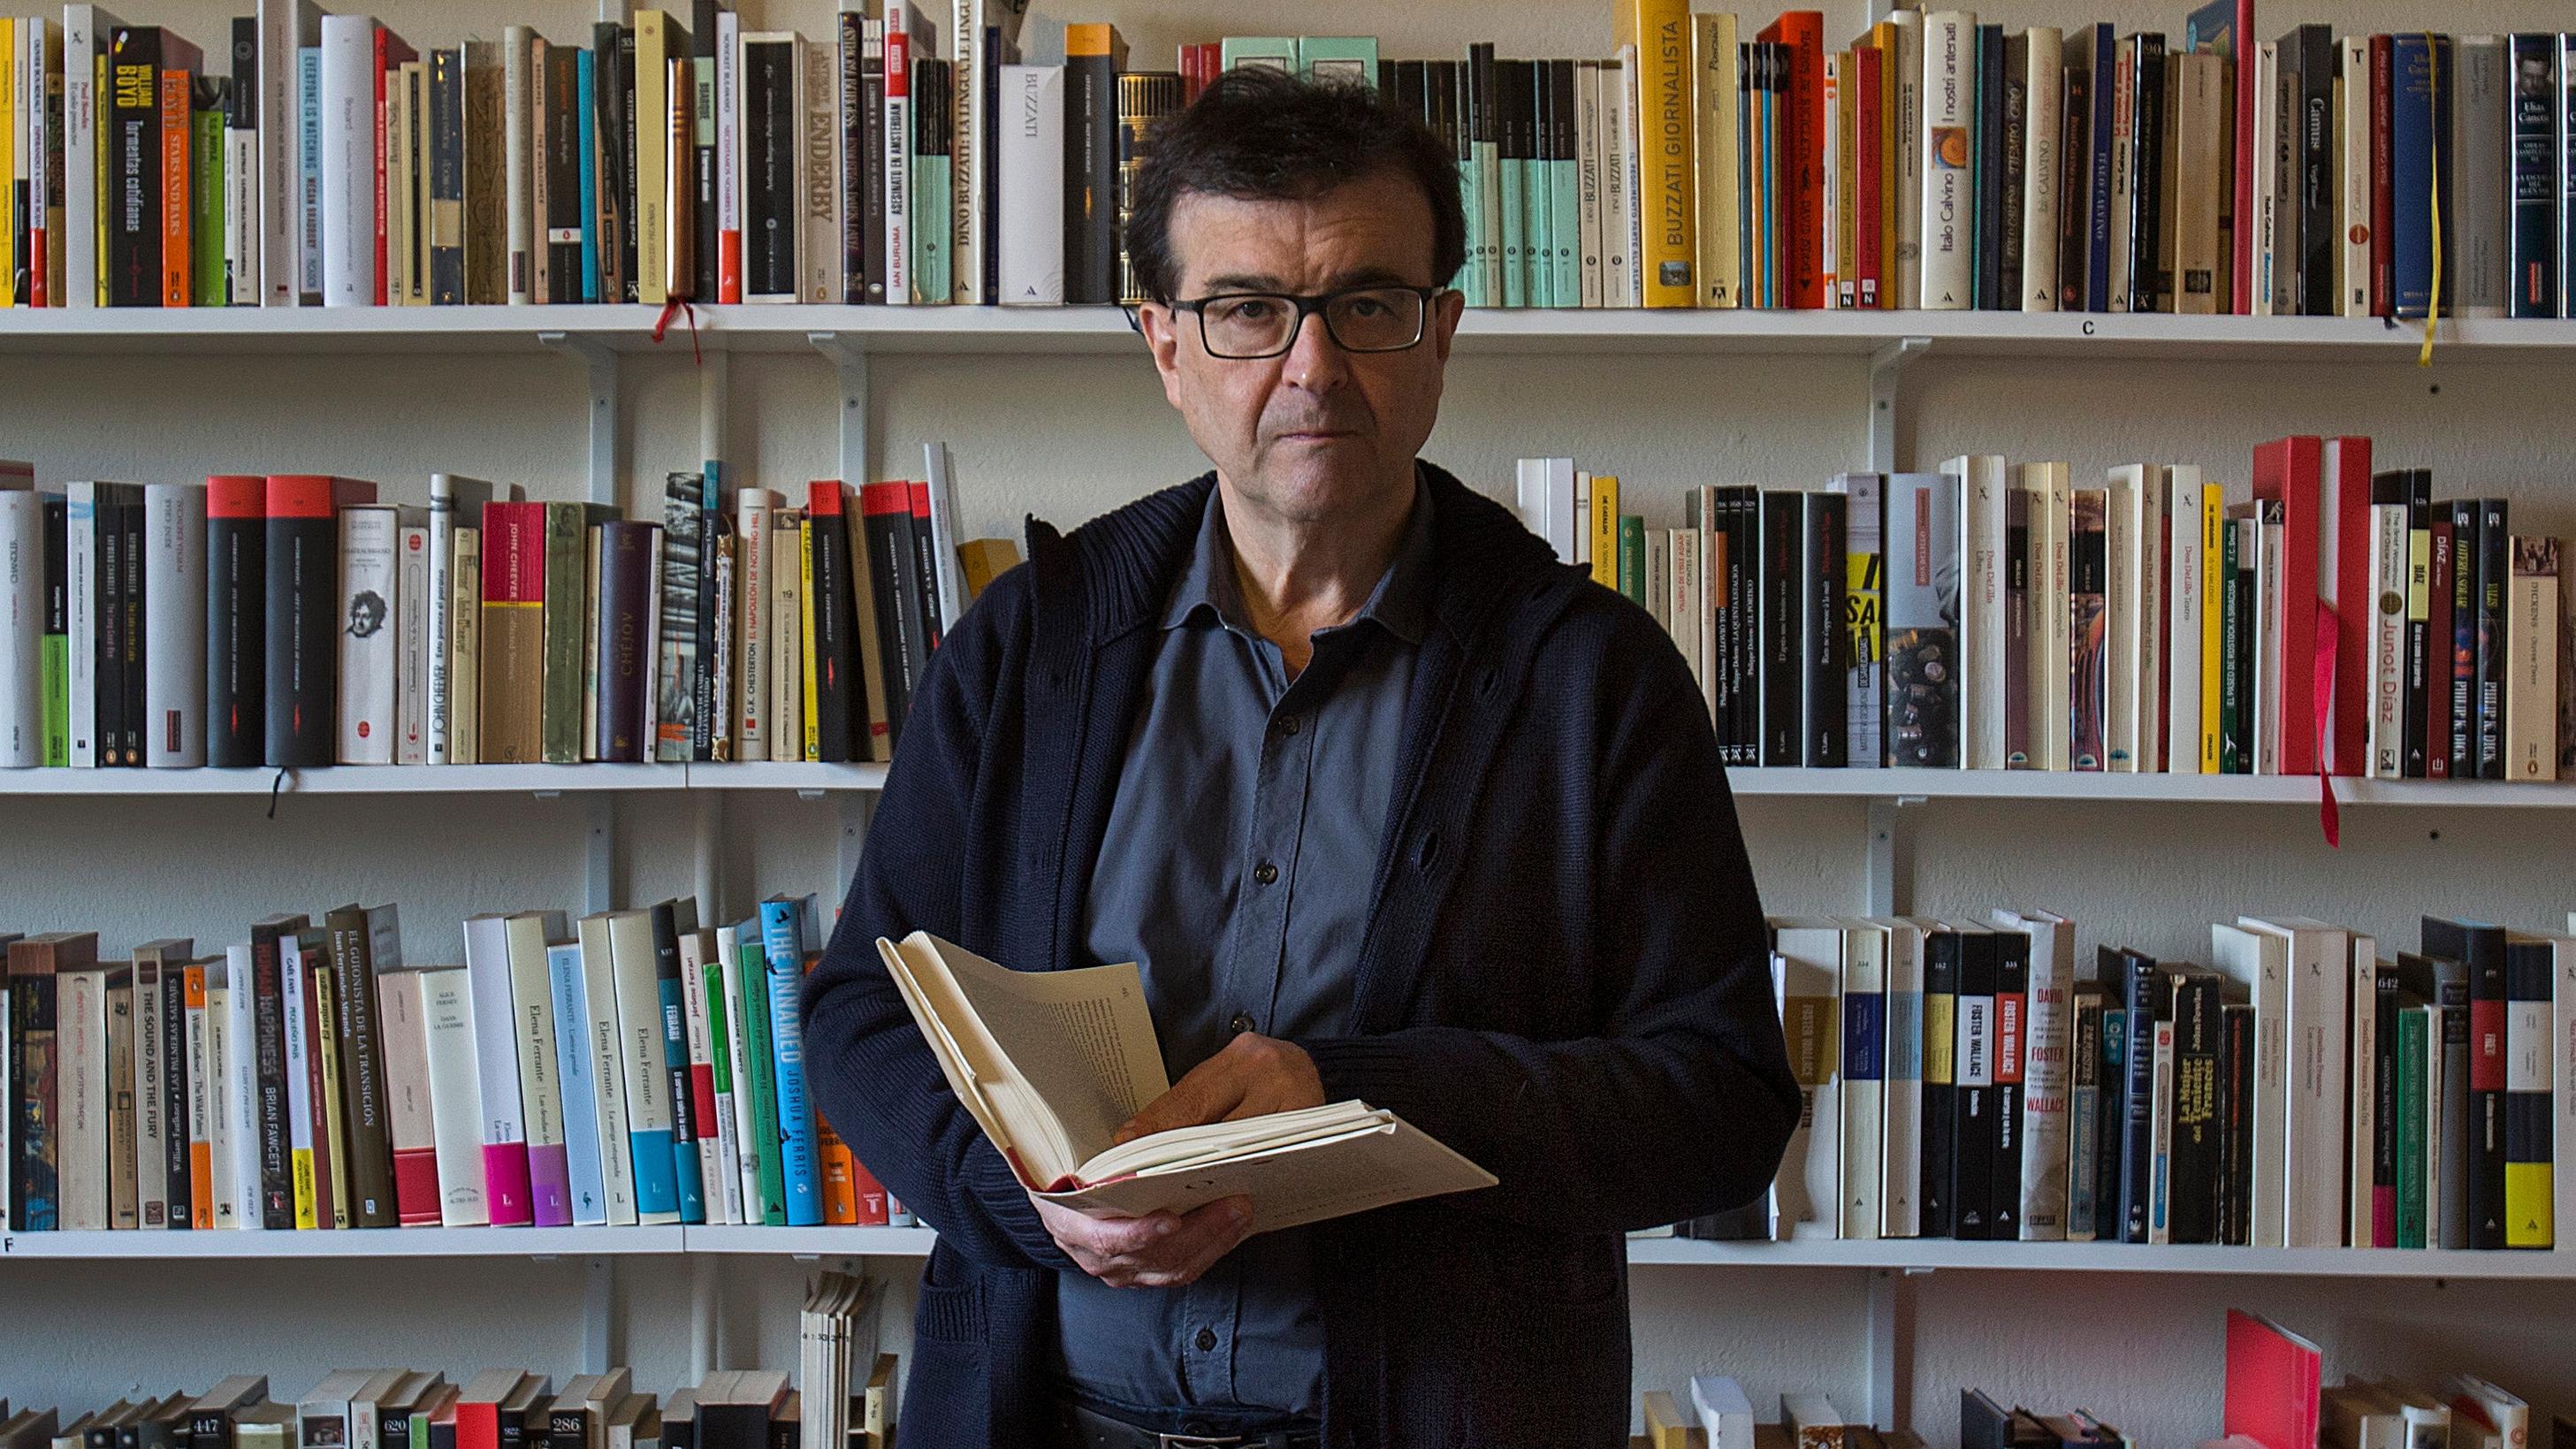 Javier Cercas actuará legalmente contra quienes le acusan de alentar una intervención militar en Cataluña | Cataluña | EL PAÍS